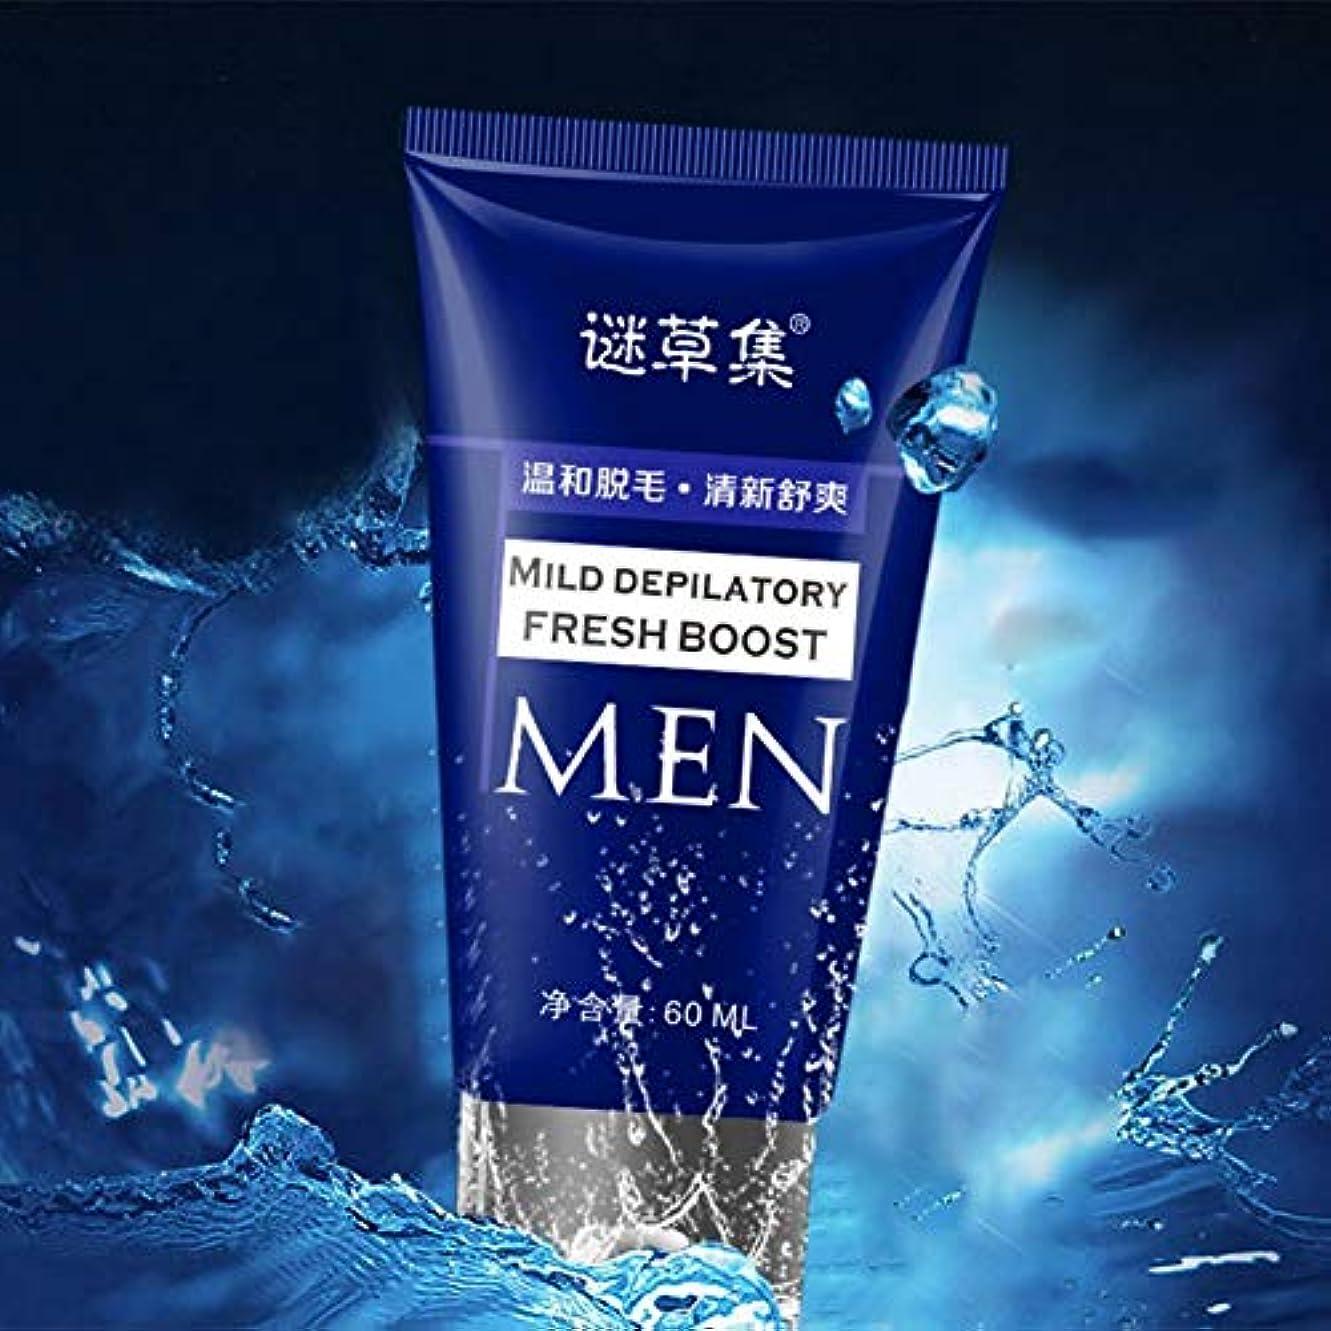 処理非難奨励60ml 薬用除毛剤 除毛 脱毛クリーム 無痛無害 メンズ 敏感肌用 すべての肌タイプ 使用可能